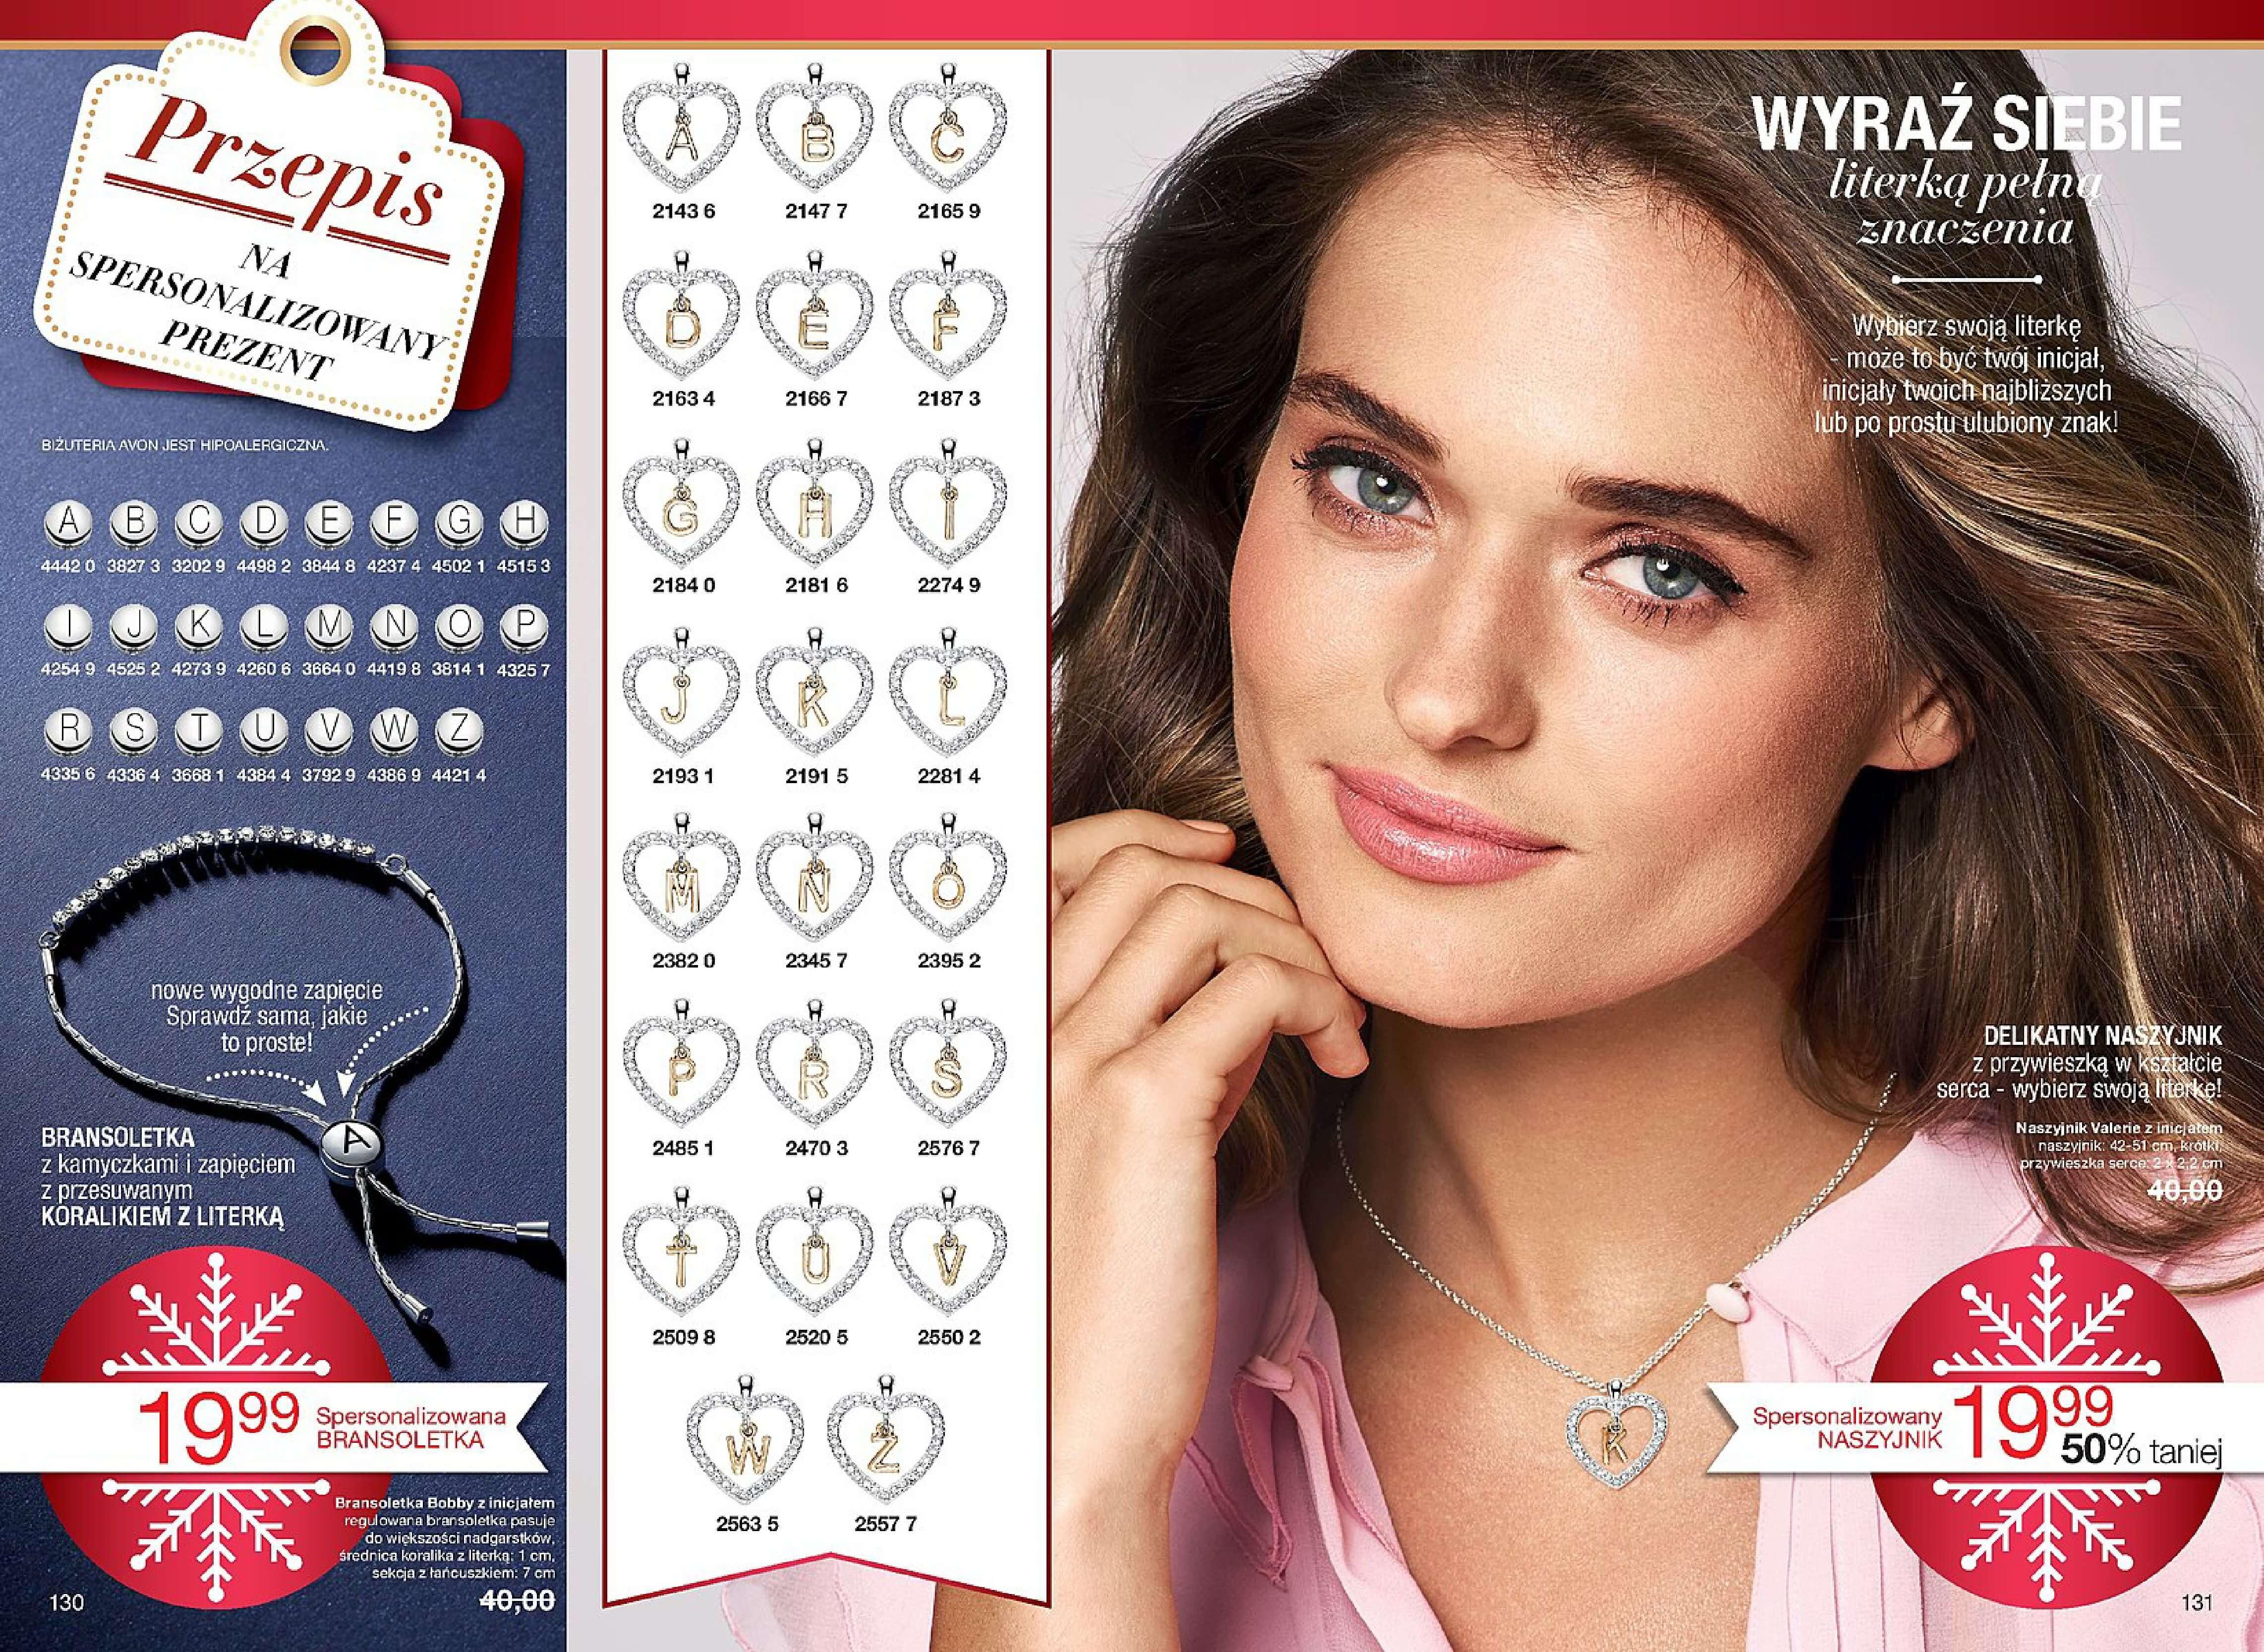 Gazetka Avon - Katalog 17/2017 Gwiazdka-29.11.2017-27.12.2017-page-66